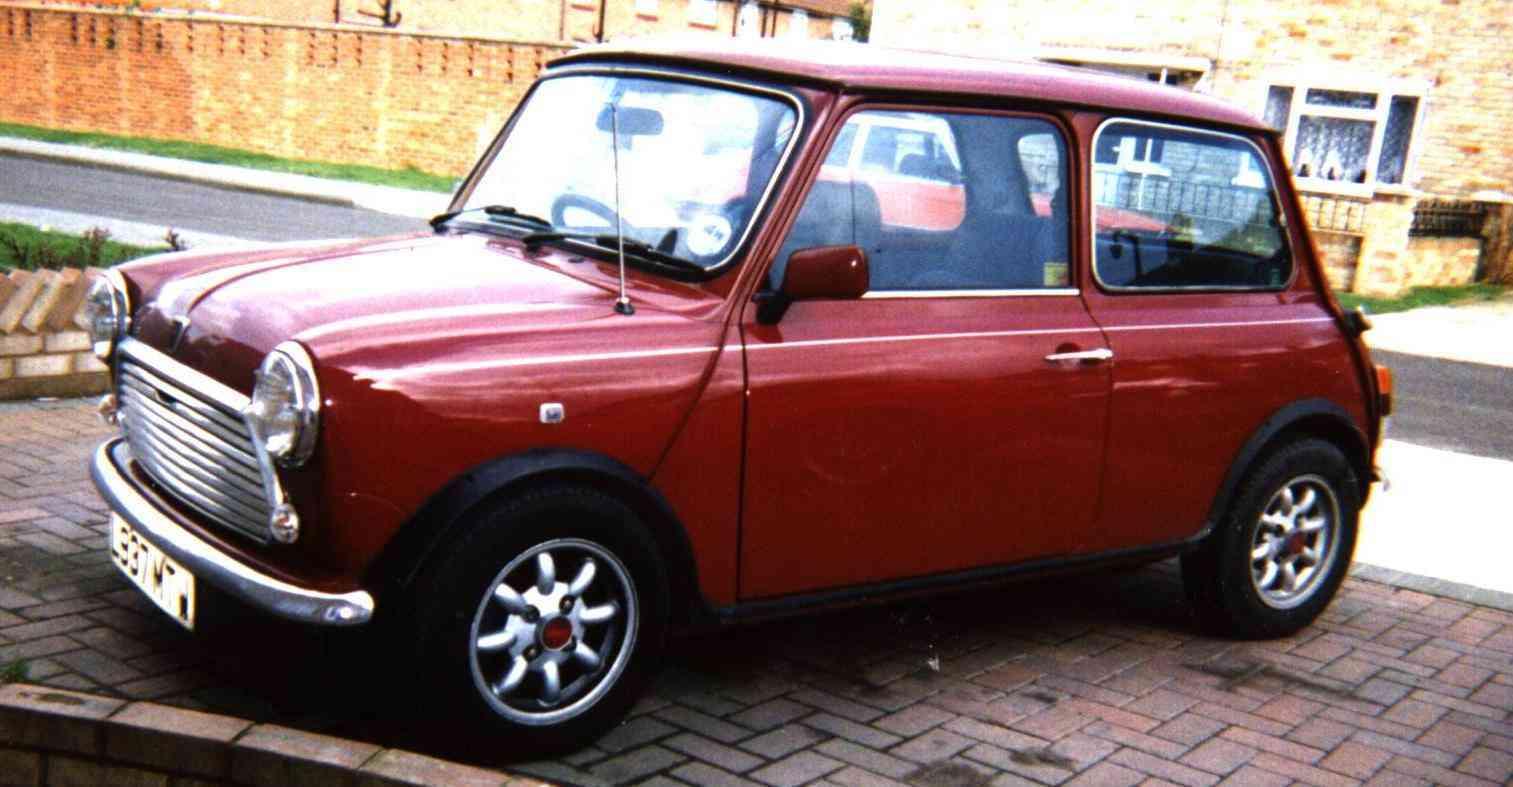 Sue's Mini